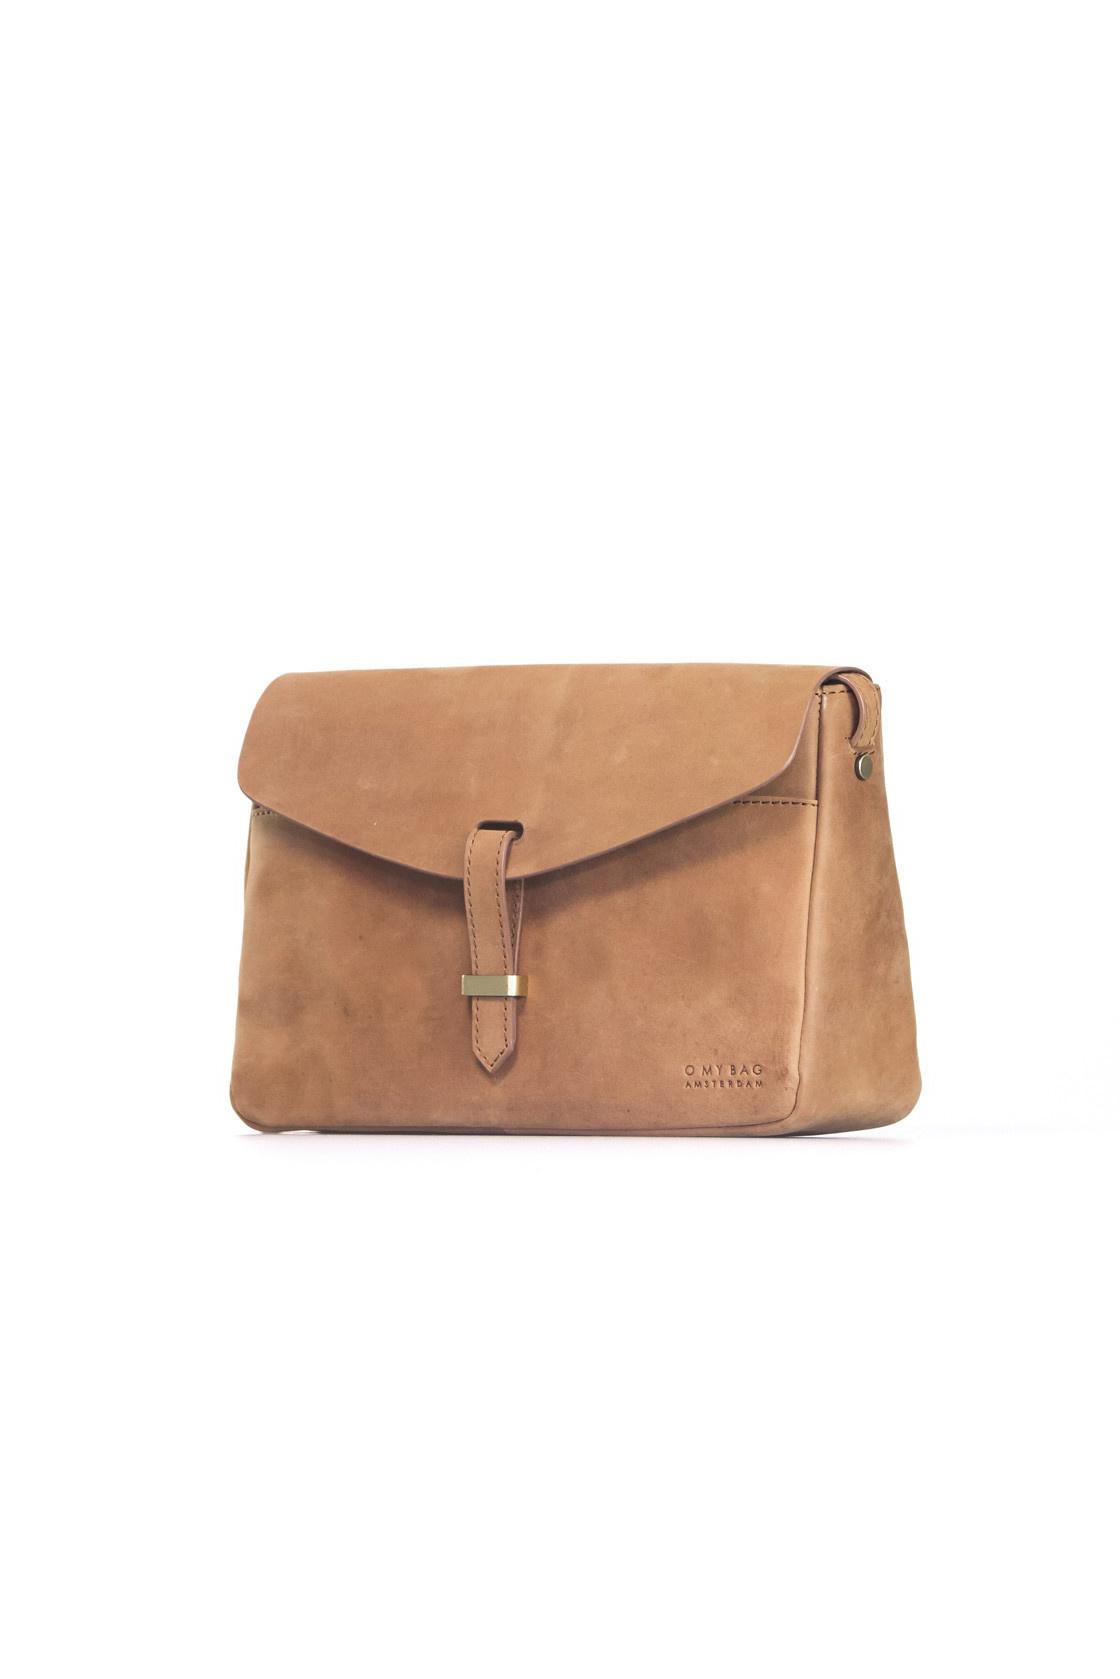 Ally Bag Maxi - Camel-3